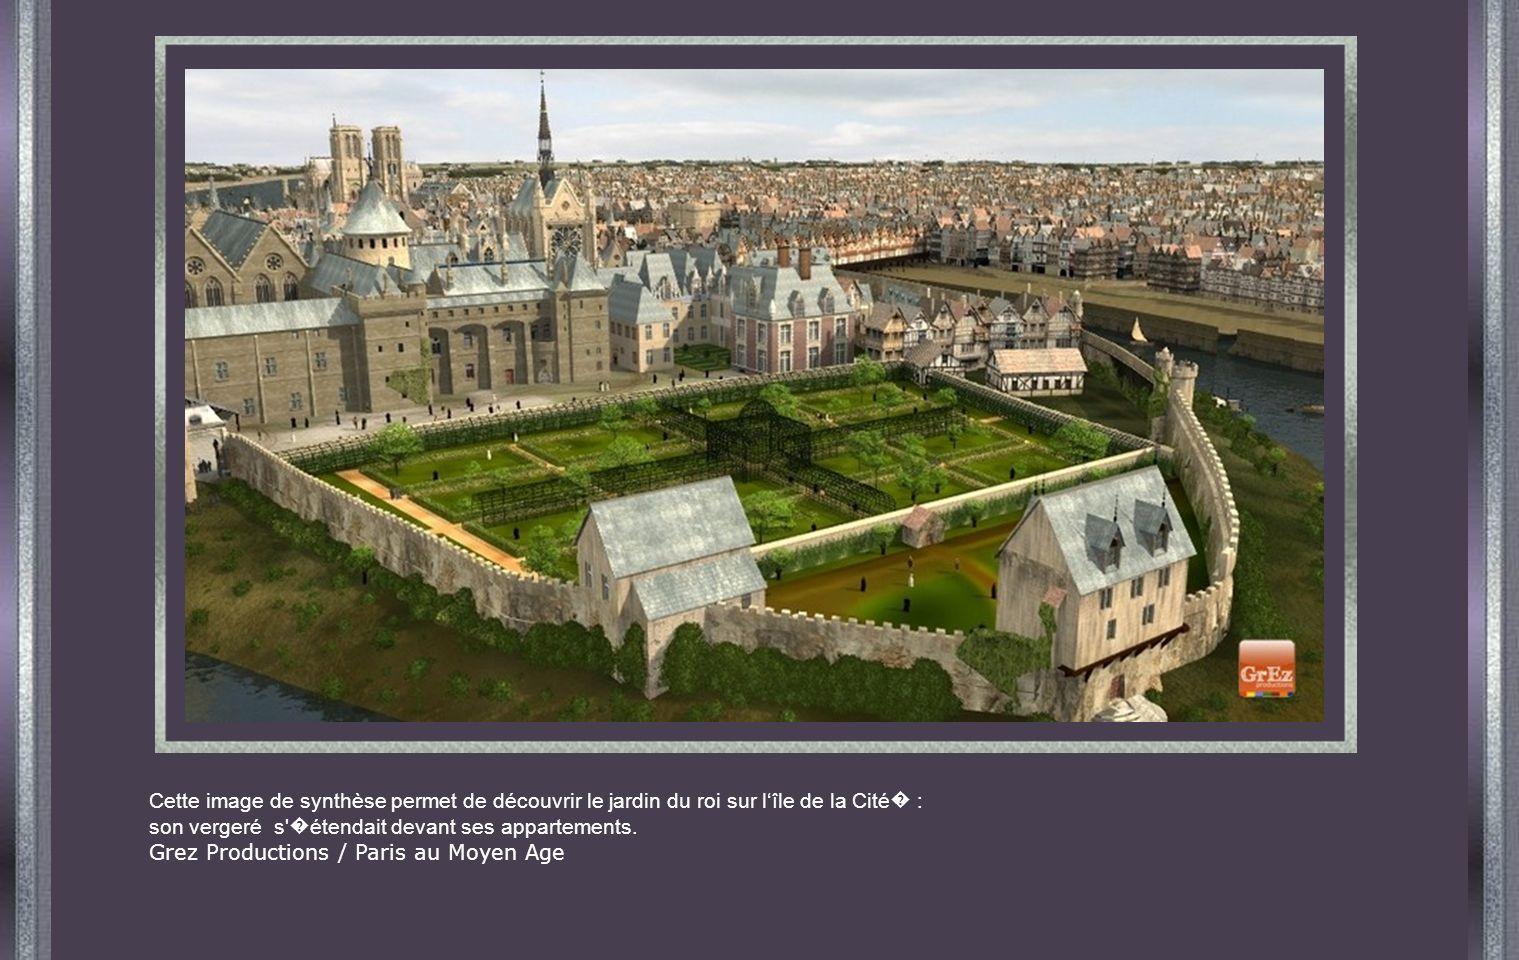 Cette image de synthèse permet de découvrir le jardin du roi sur lîle de la Cité : son vergeré s étendait devant ses appartements.